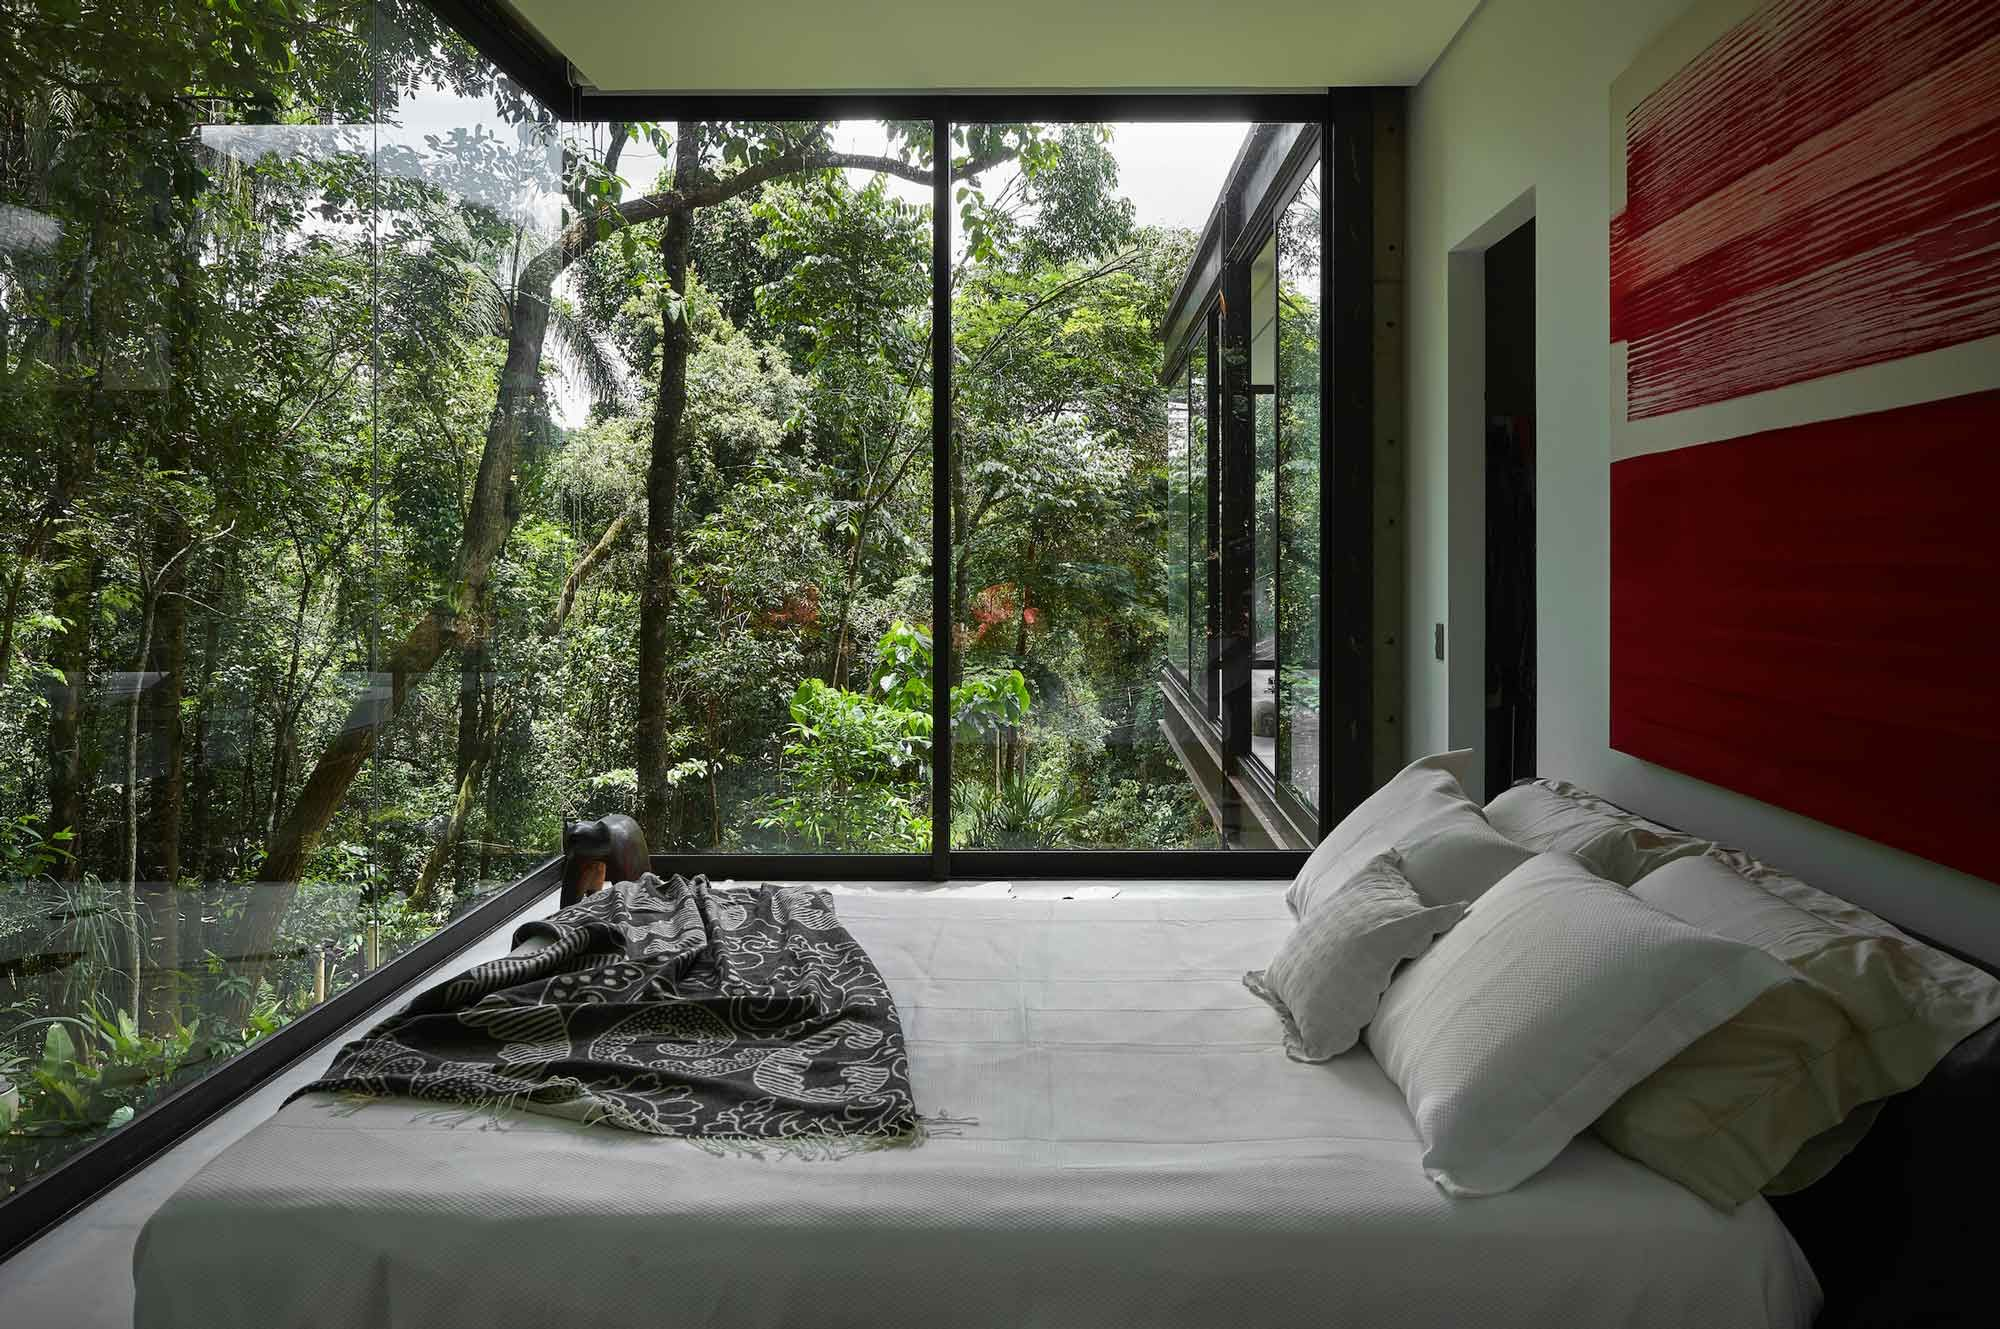 Casas de campo: 5 projetos encantadores para apreciar a natureza.